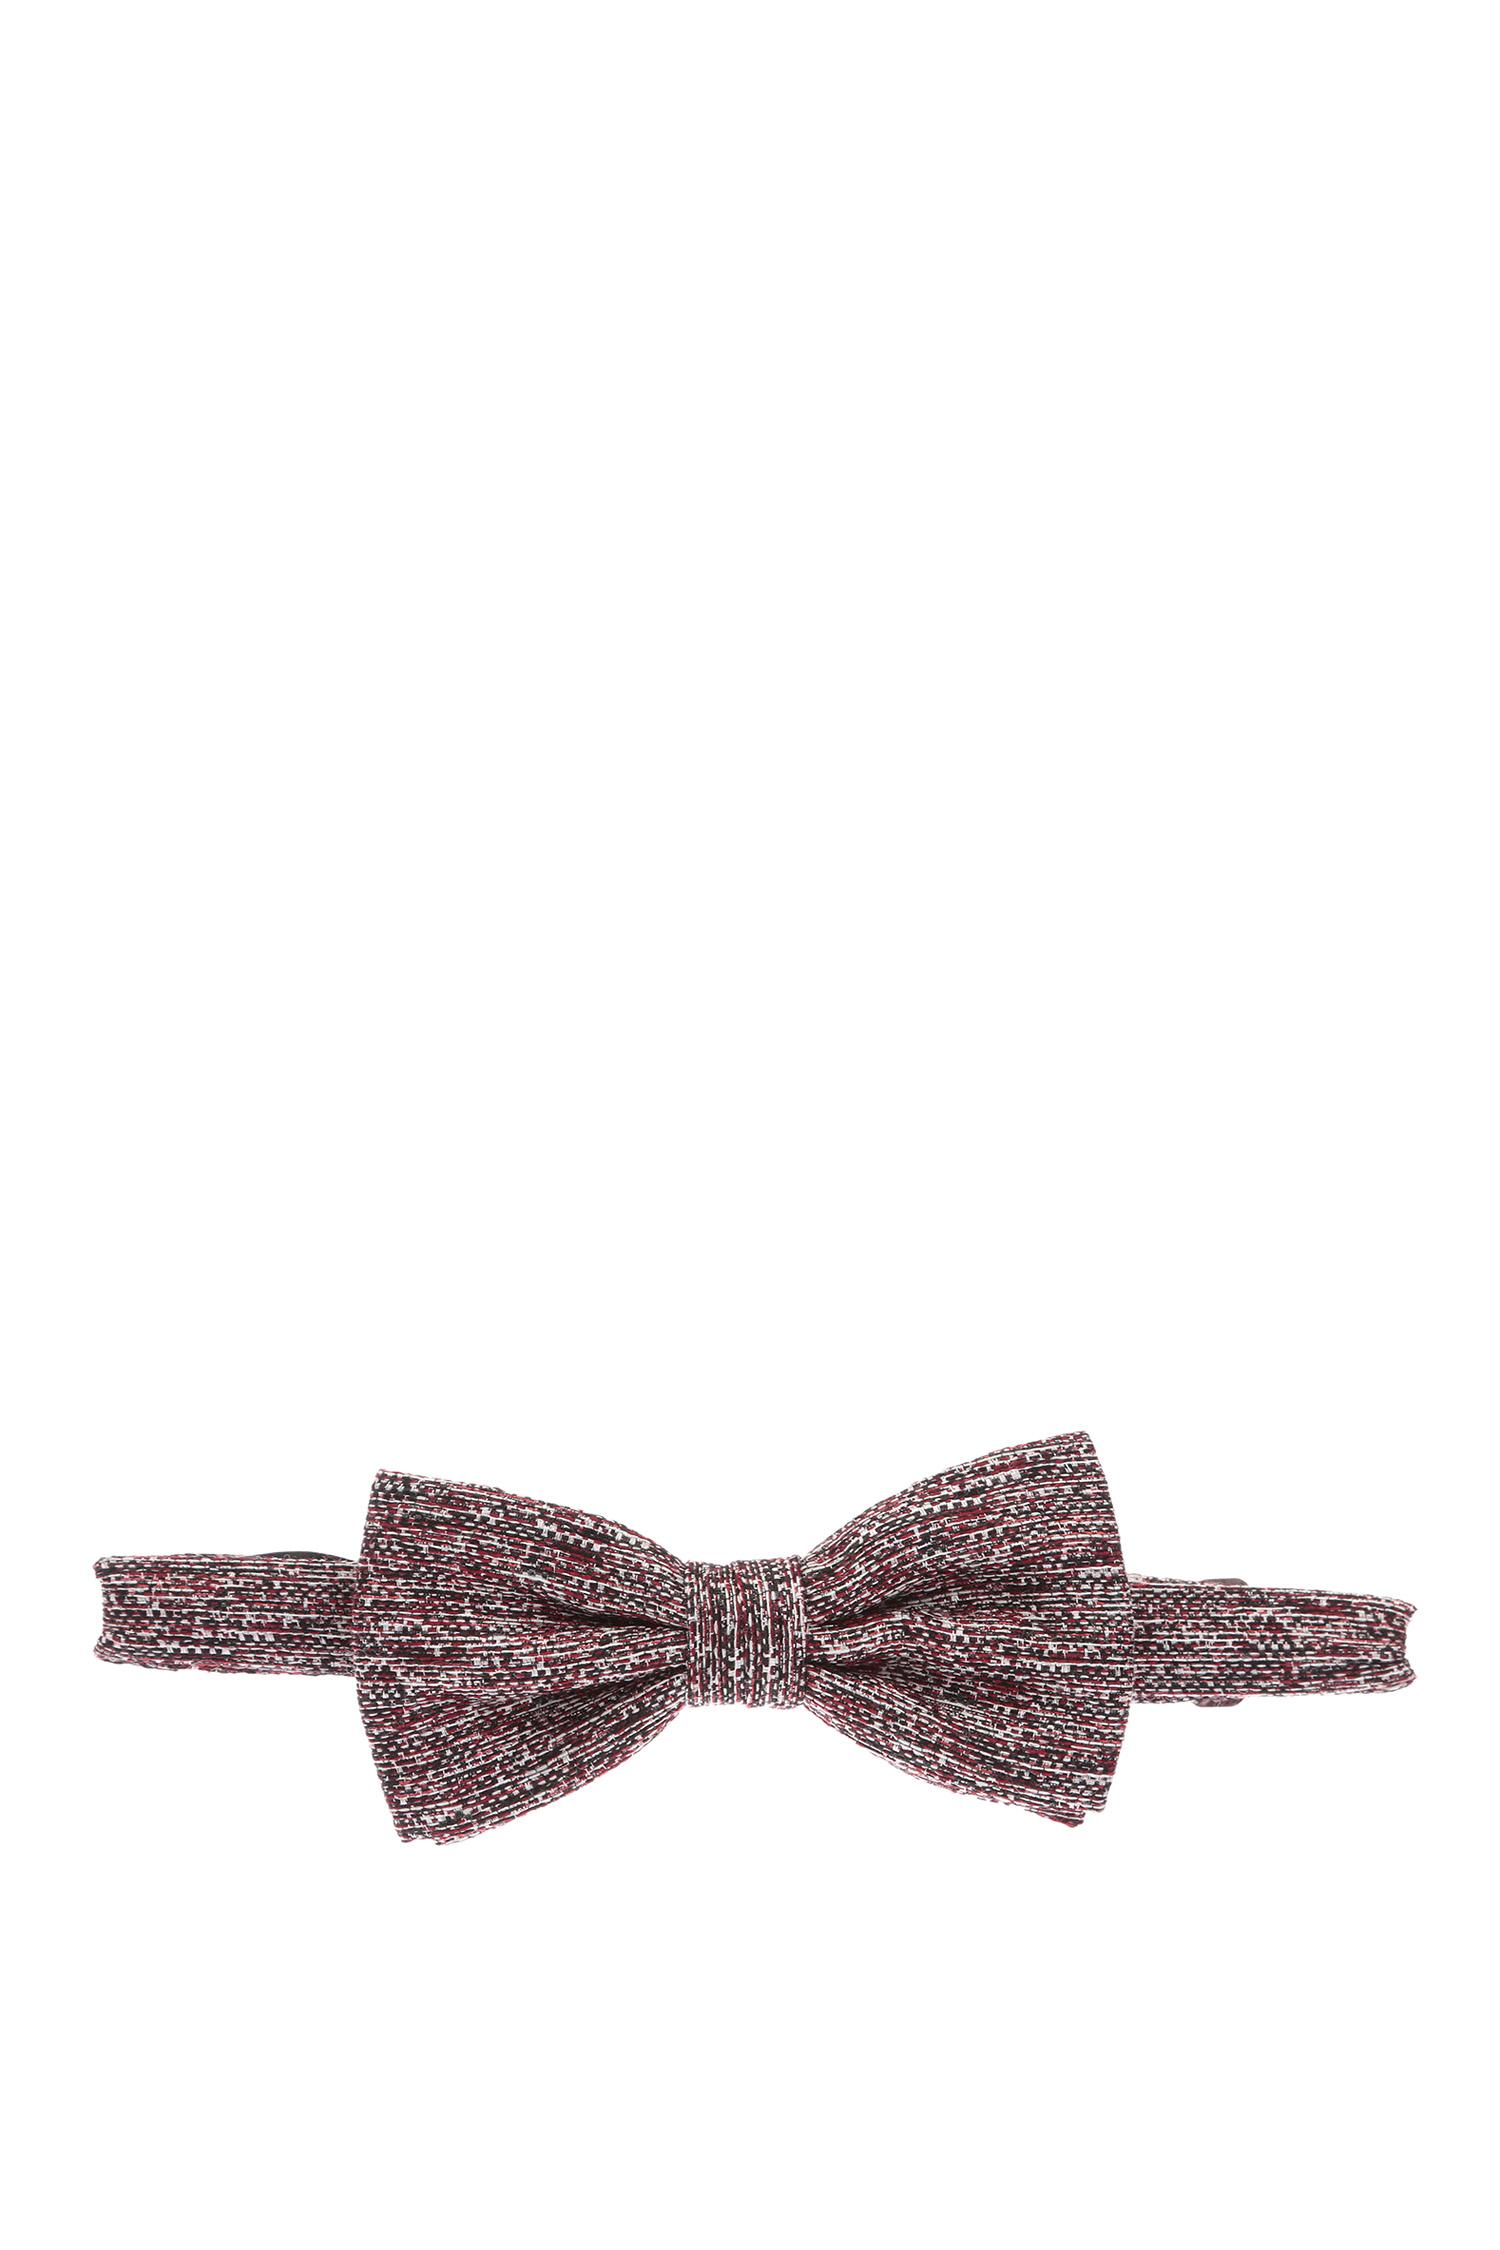 Мужская бордовая бабочка Karl Lagerfeld 582176.805200;320